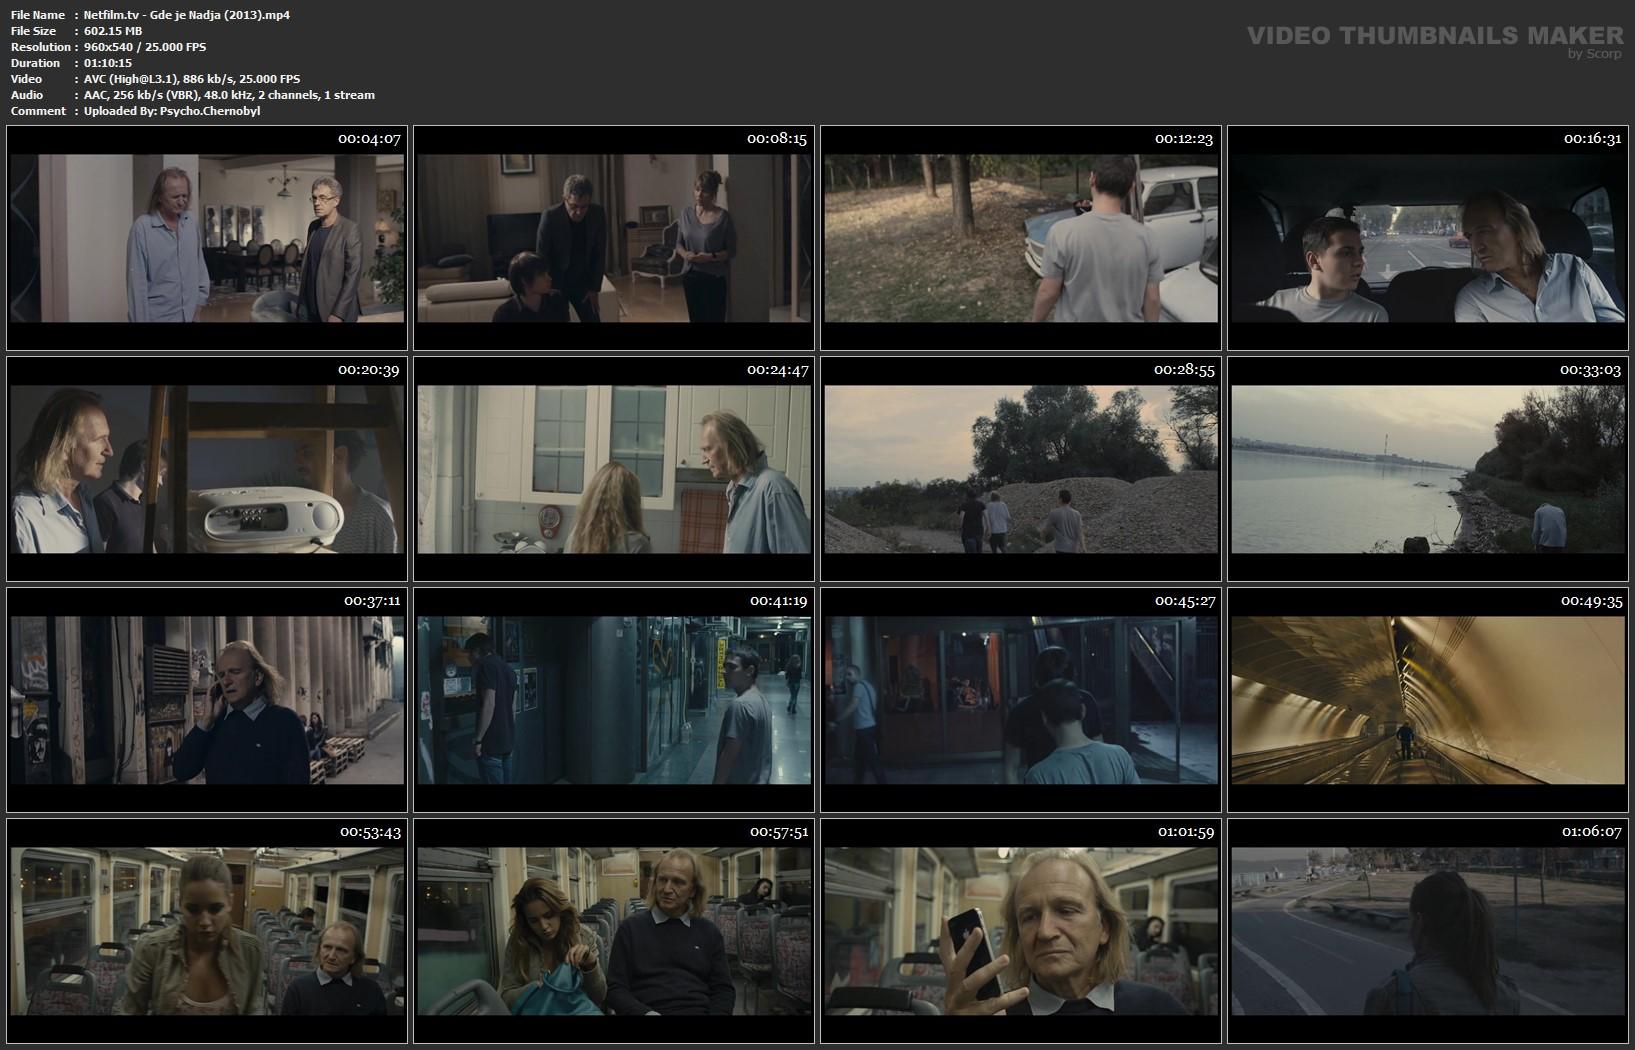 Netfilm-tv-Gde-je-Nadja-2013-mp4.jpg